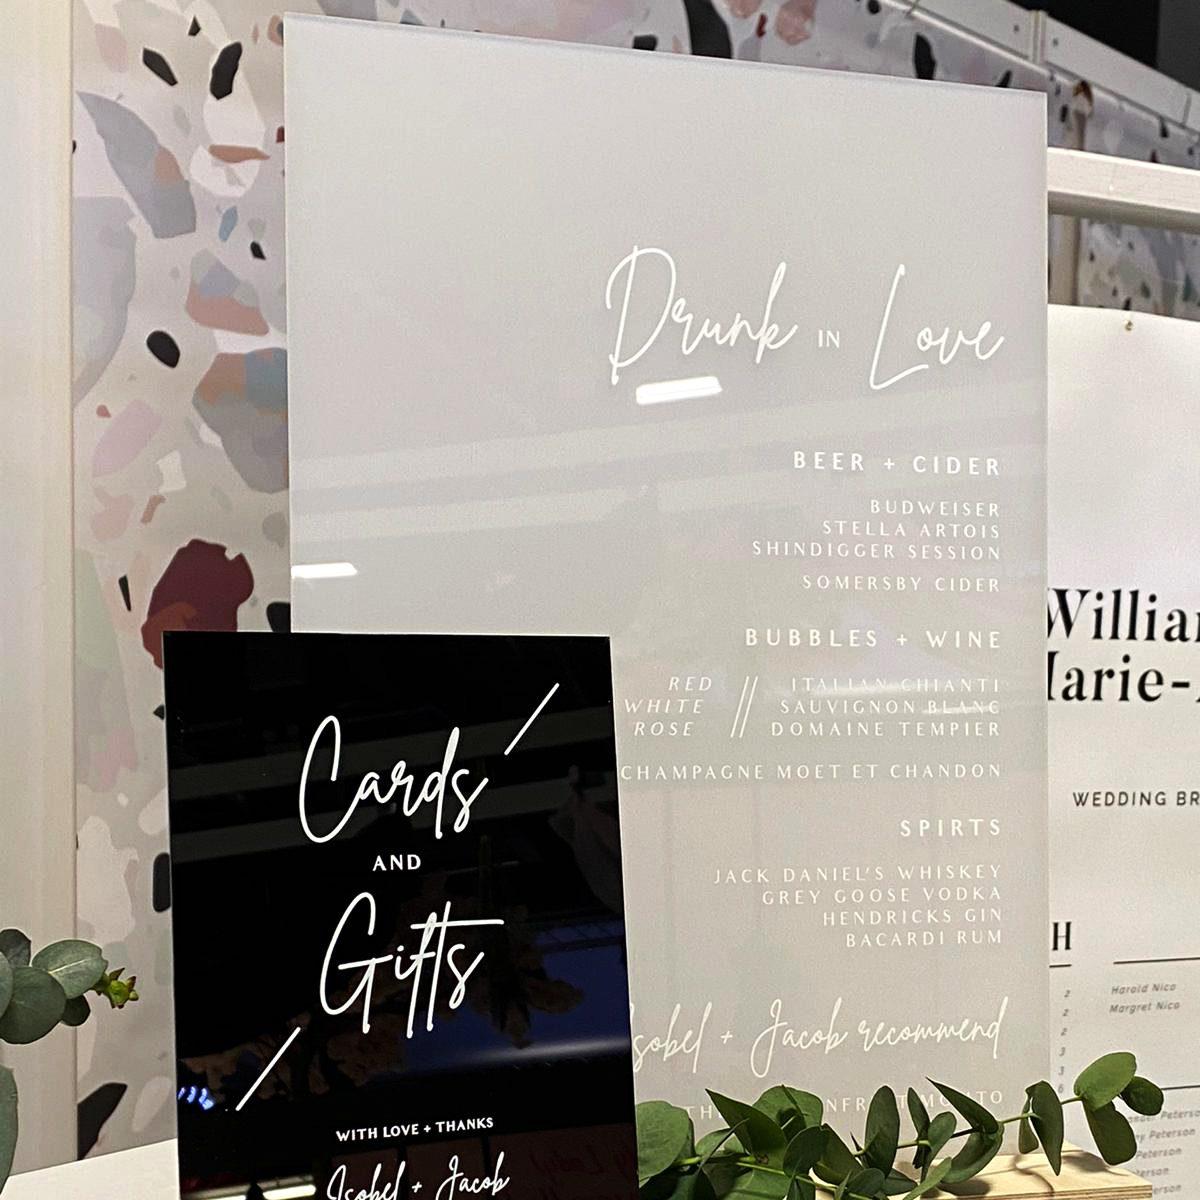 Acrylic Drinks Menu - Signage for a modern wedding - By Rodo Creative